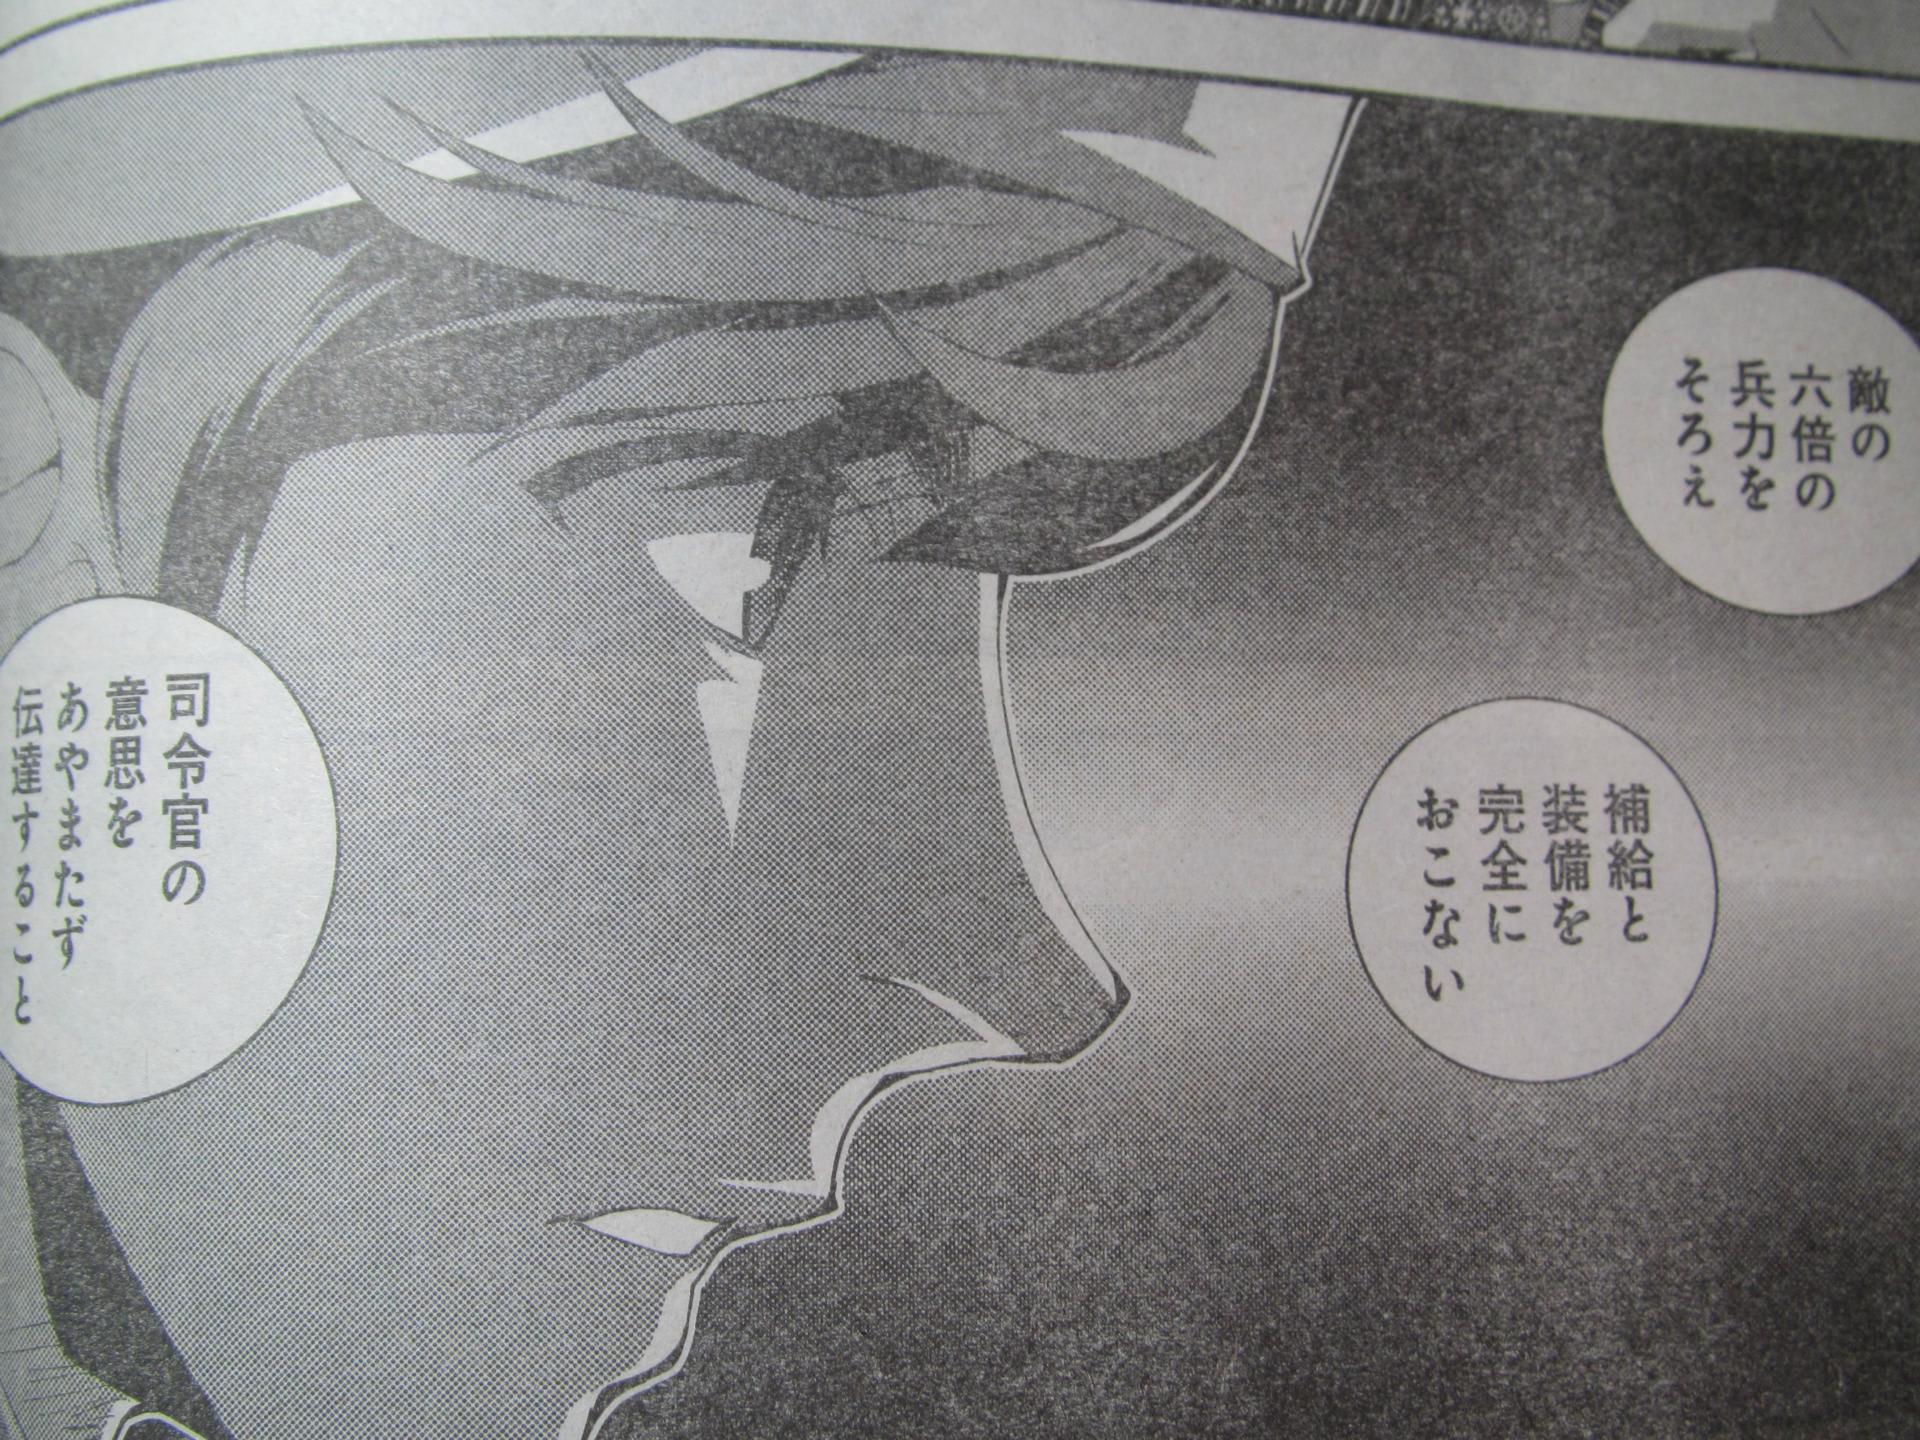 ヨブ・トリューニヒトの画像 p1_24